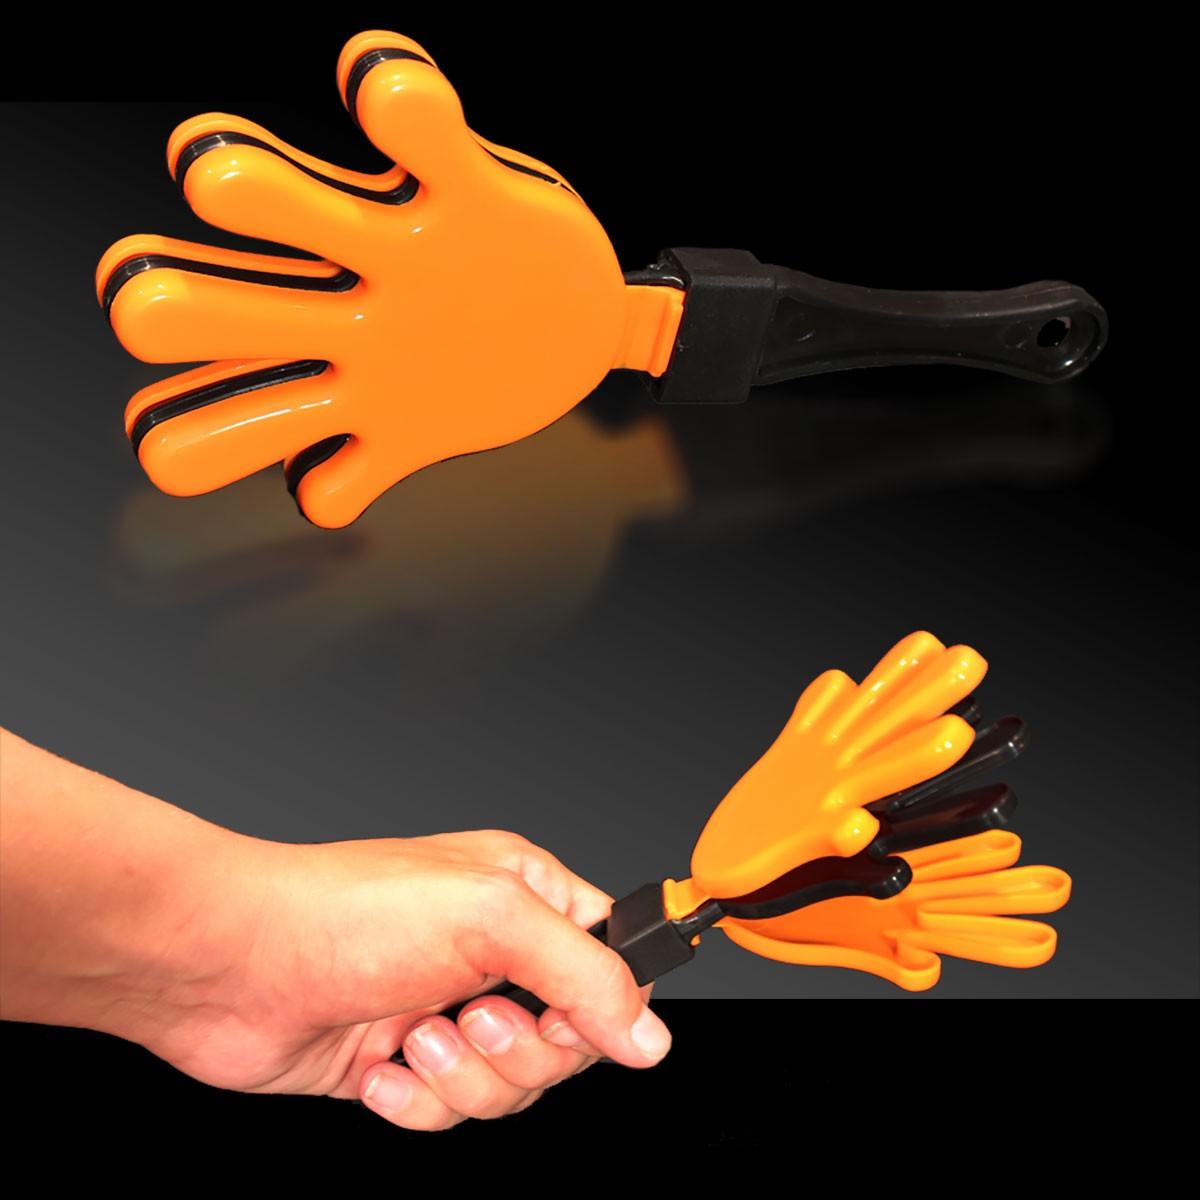 ORANGEBLKORANGE HAND CLAPPER